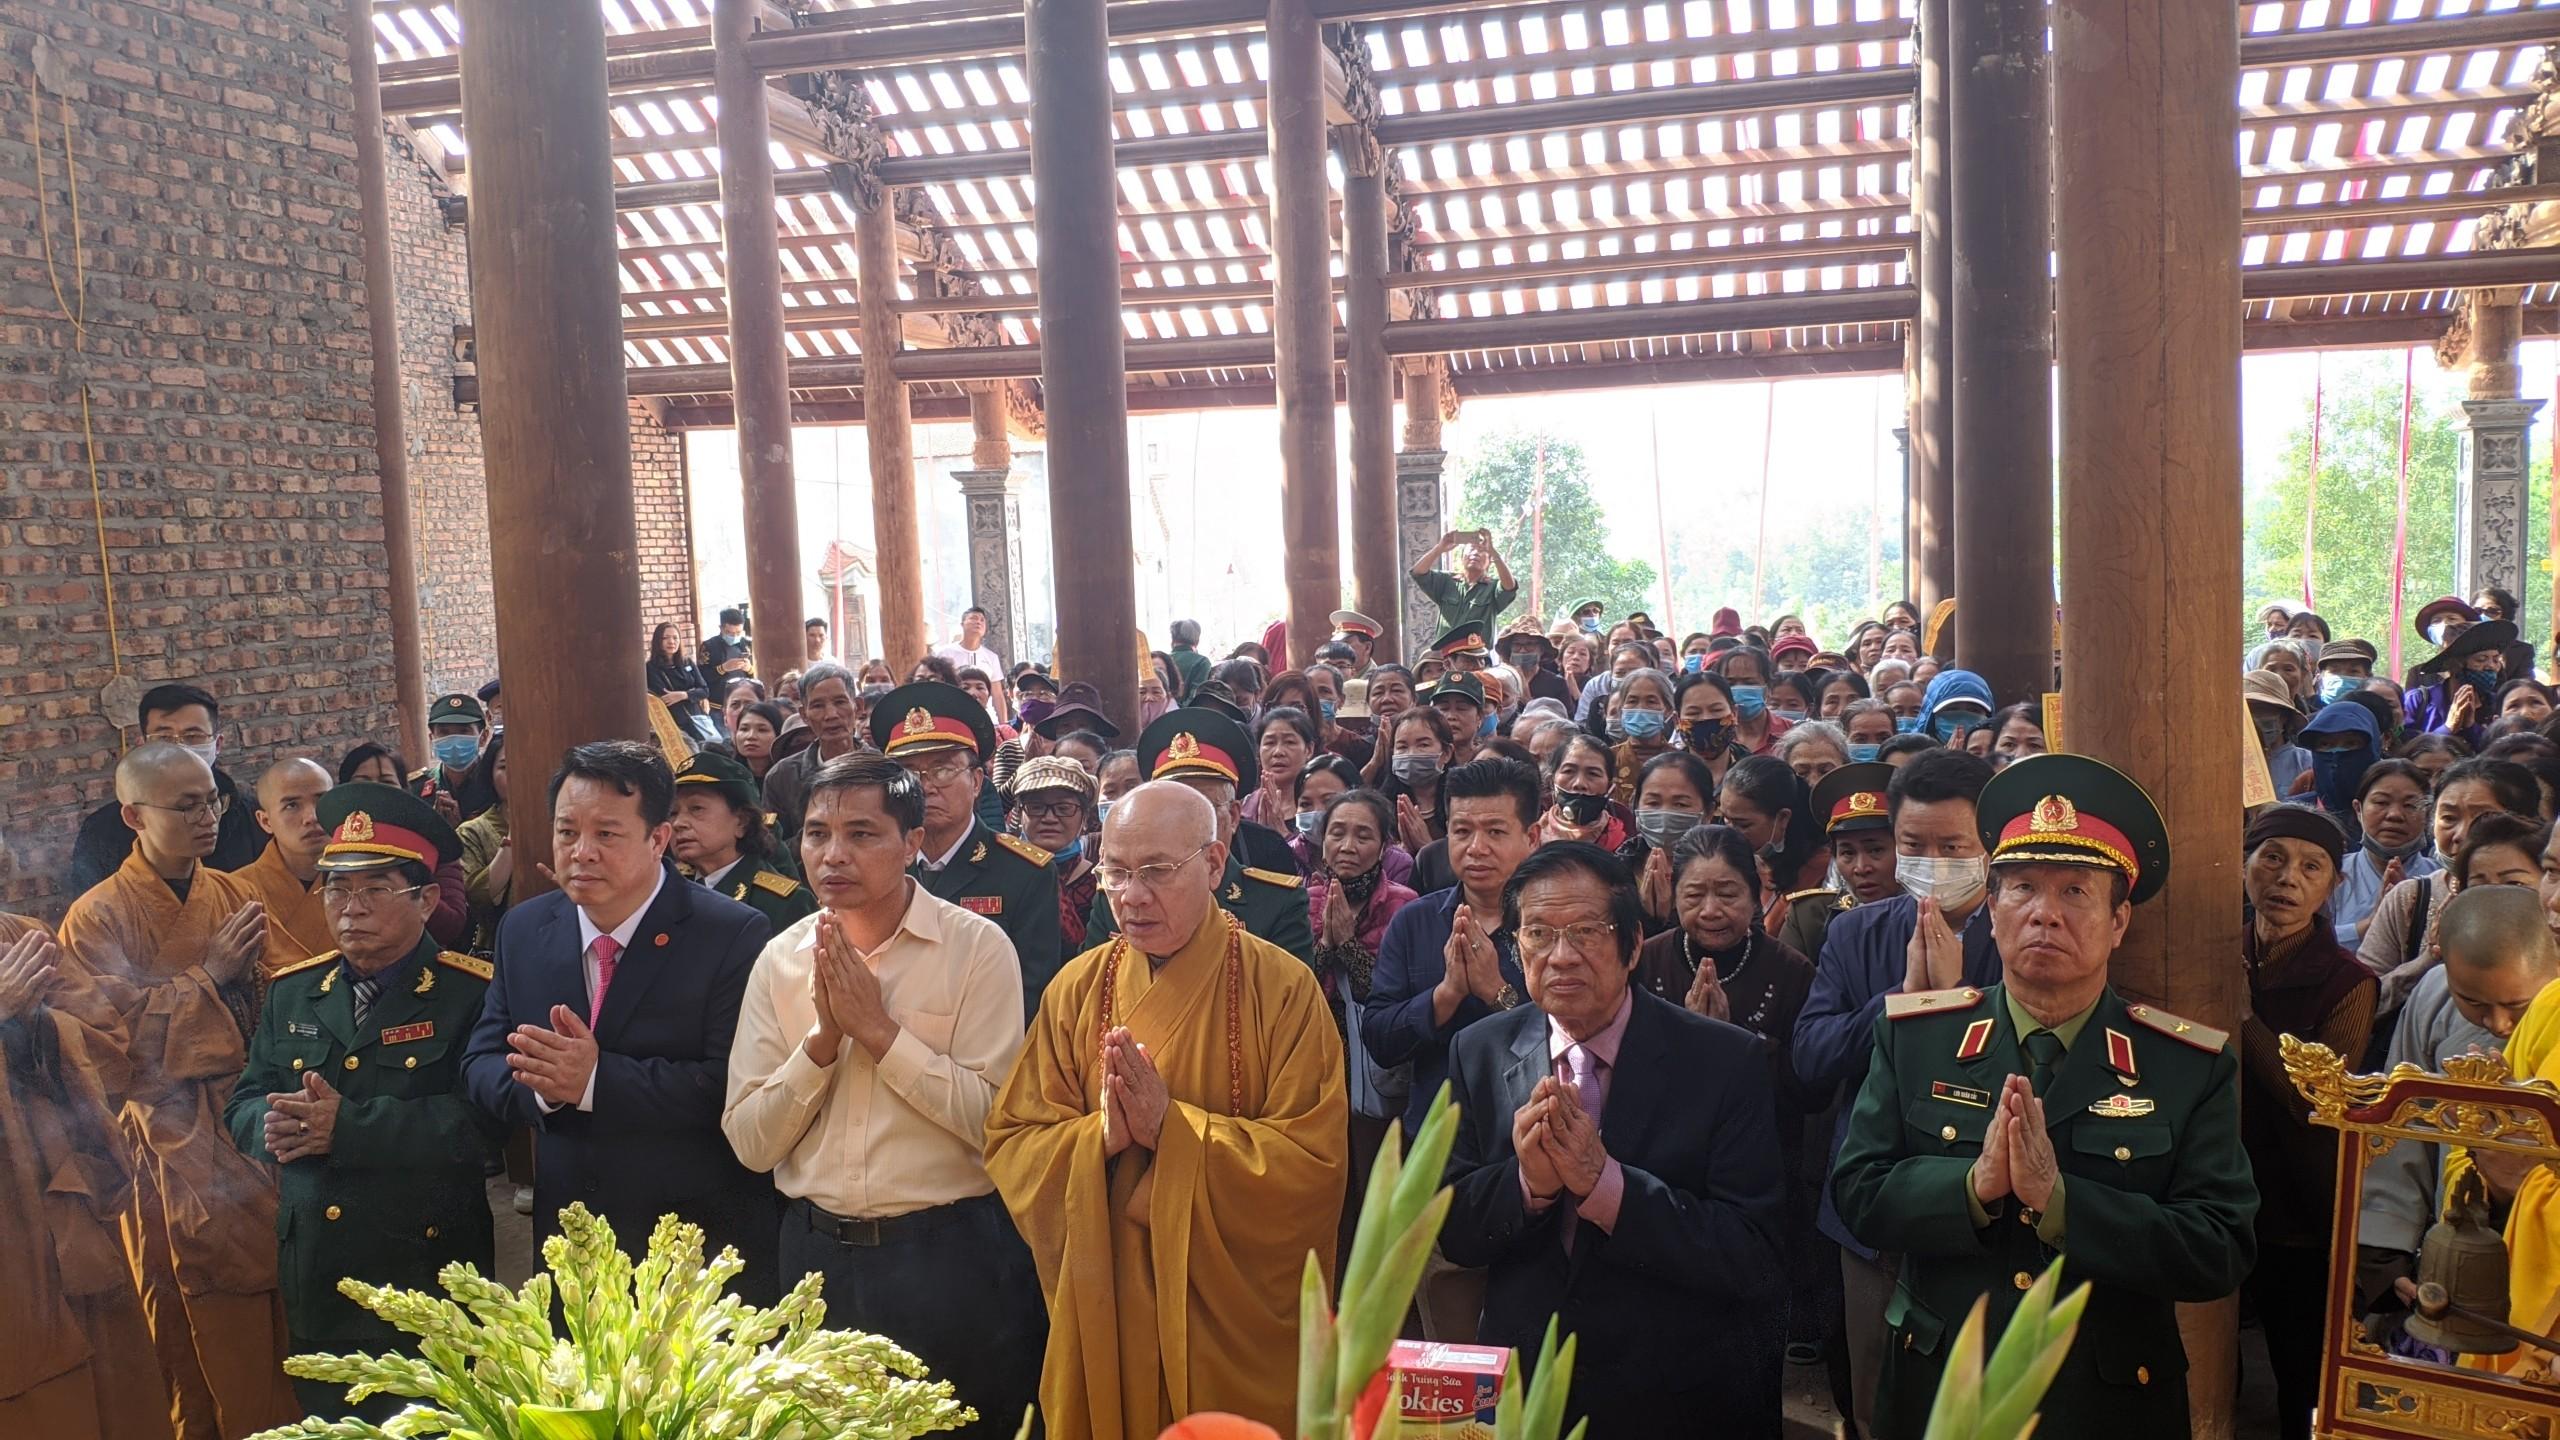 an-vi-long-cot-chua-ho-quoc-tai-khu-ghi-dau-su-kien-trung-doan-5-yen-tu (1)